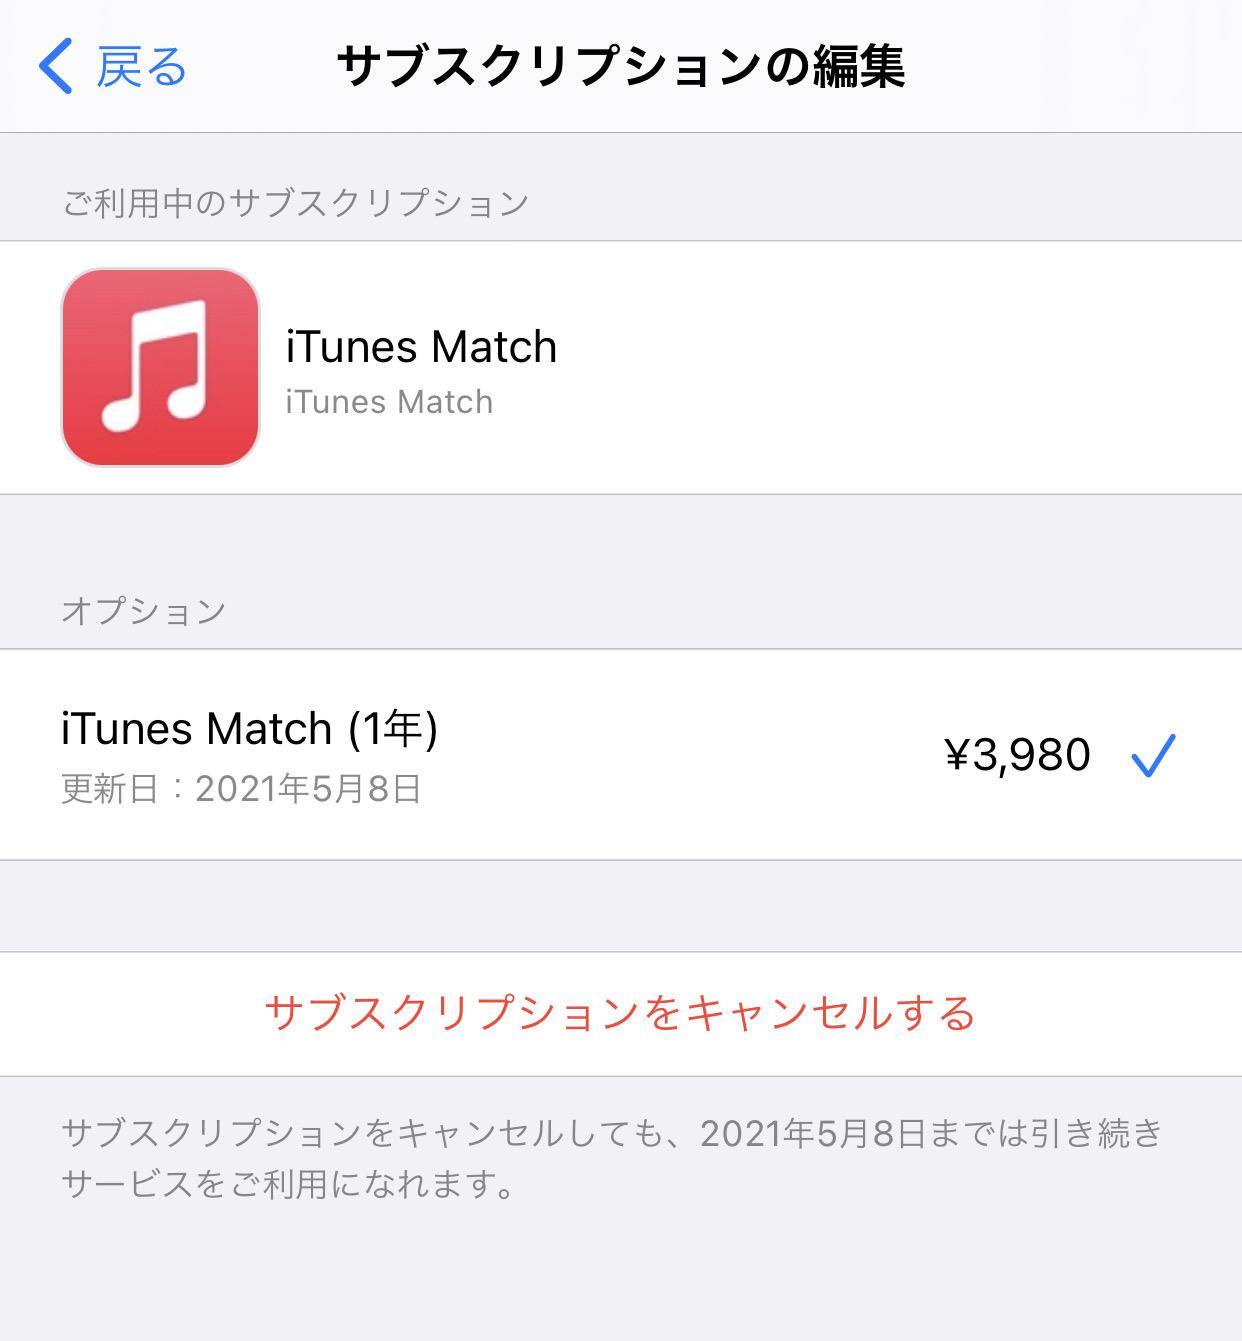 【iTunes Match】サブスクリプションを解約する方法 02 04